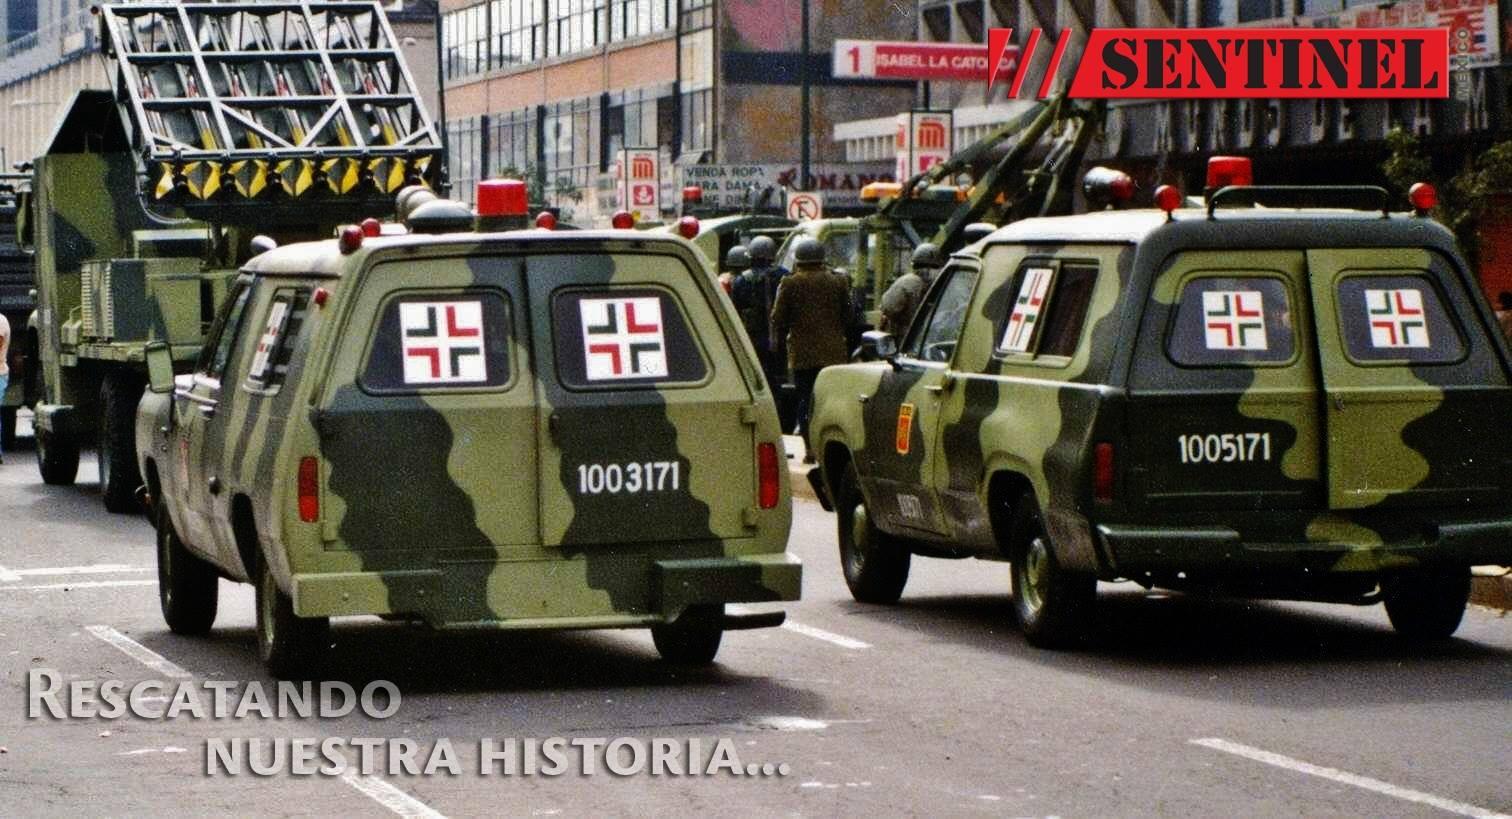 fotos vintage de las Fuerzas armadas mexicanas - Página 7 Ieq9na